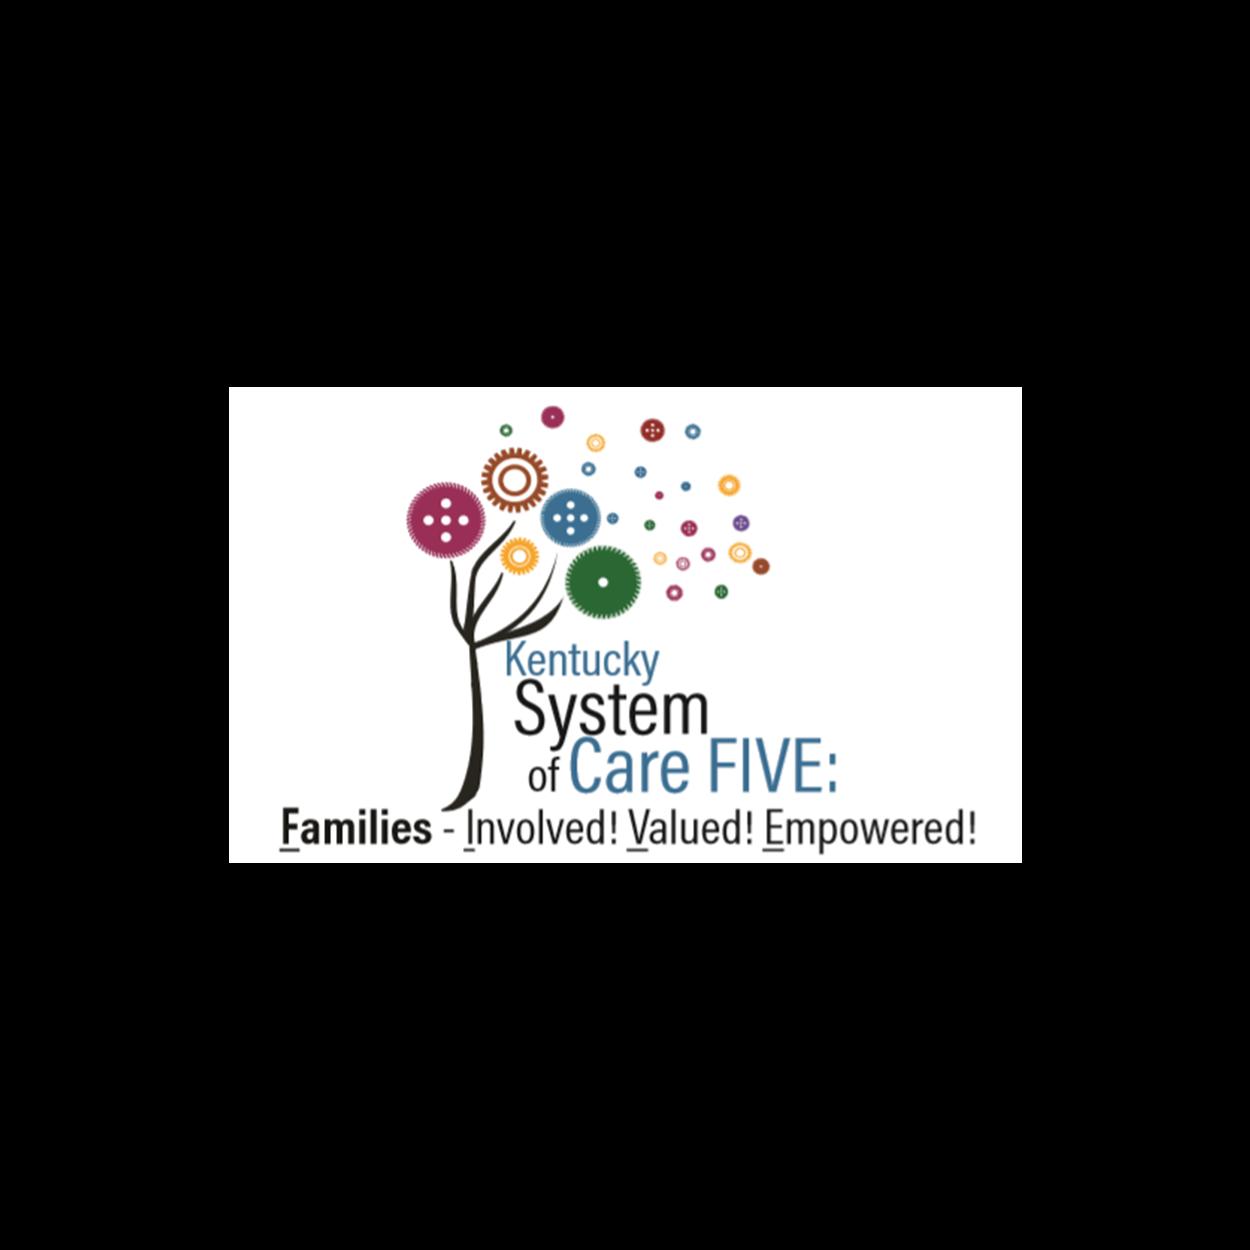 SOC Five